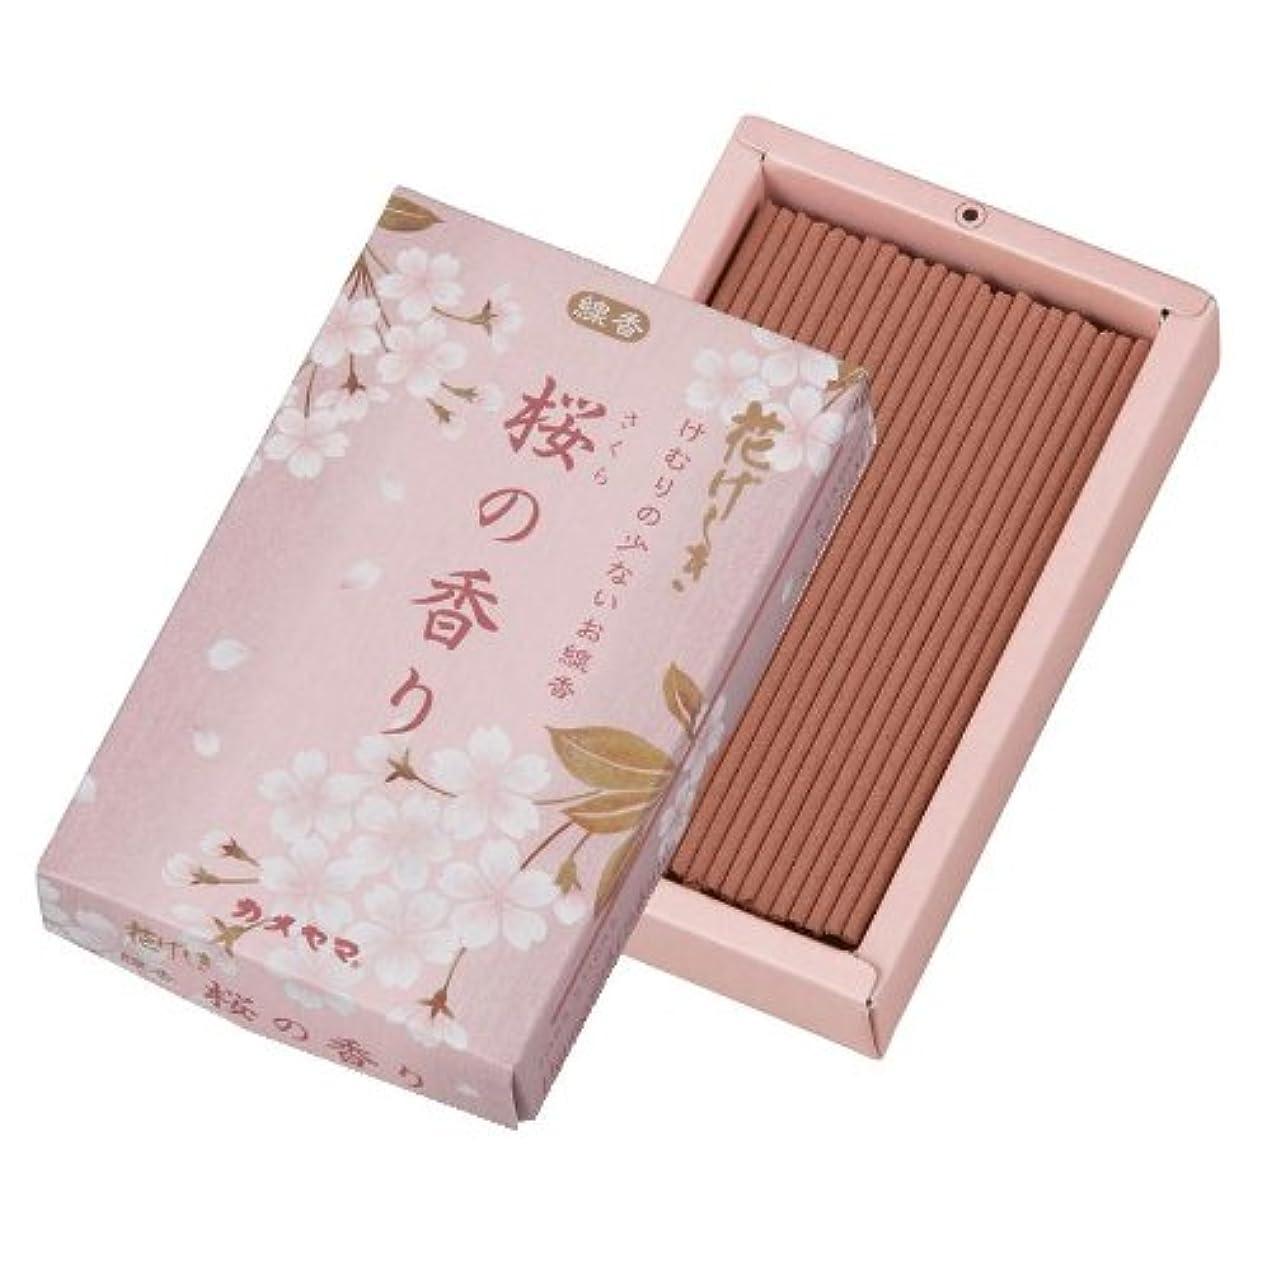 責任者重要な役割を果たす、中心的な手段となる八百屋花げしき 桜の香りミニ寸 50g